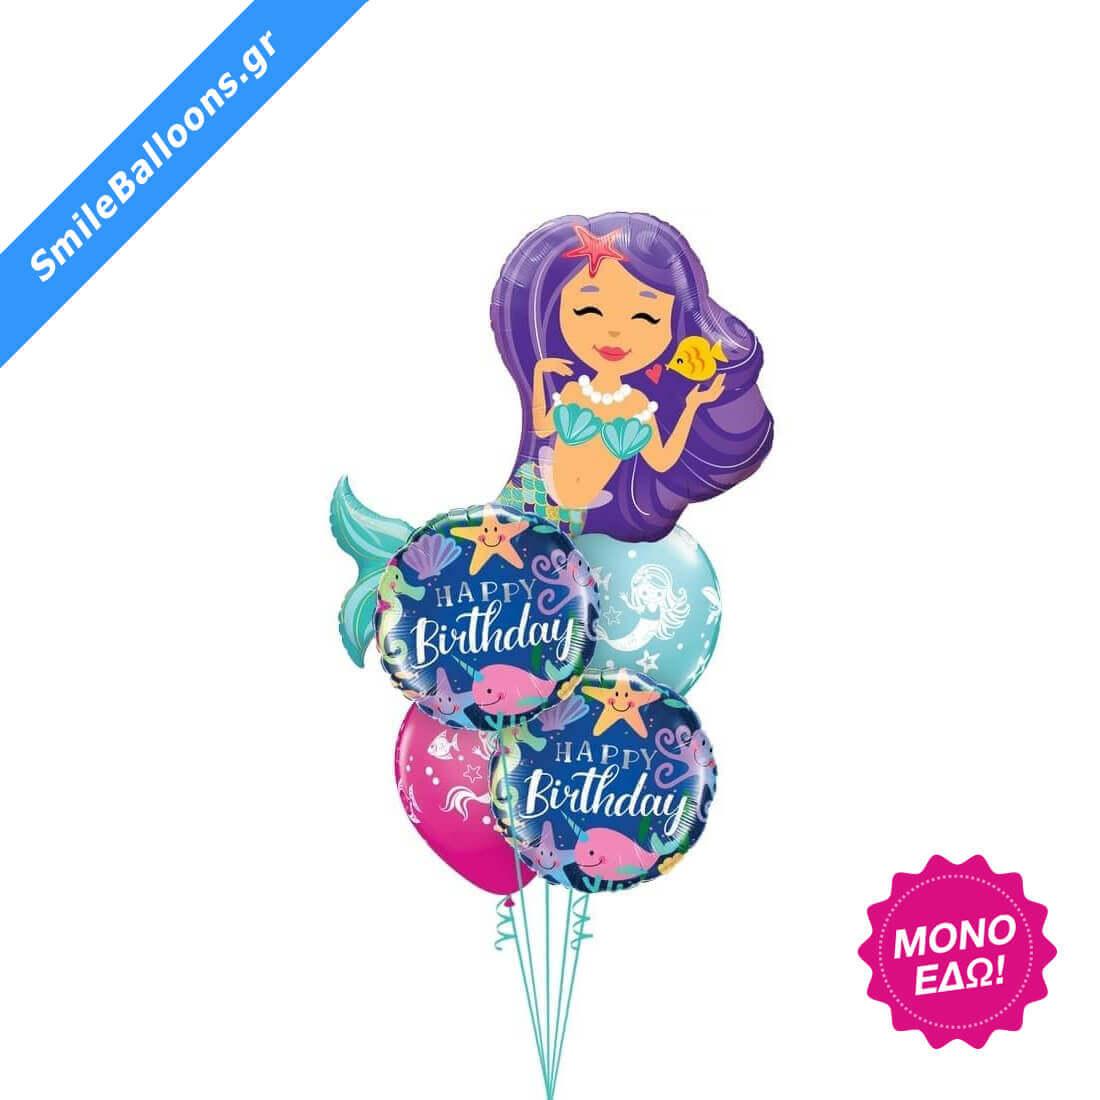 """Μπουκέτο μπαλονιών """"Magical Mermaid Birthday"""""""